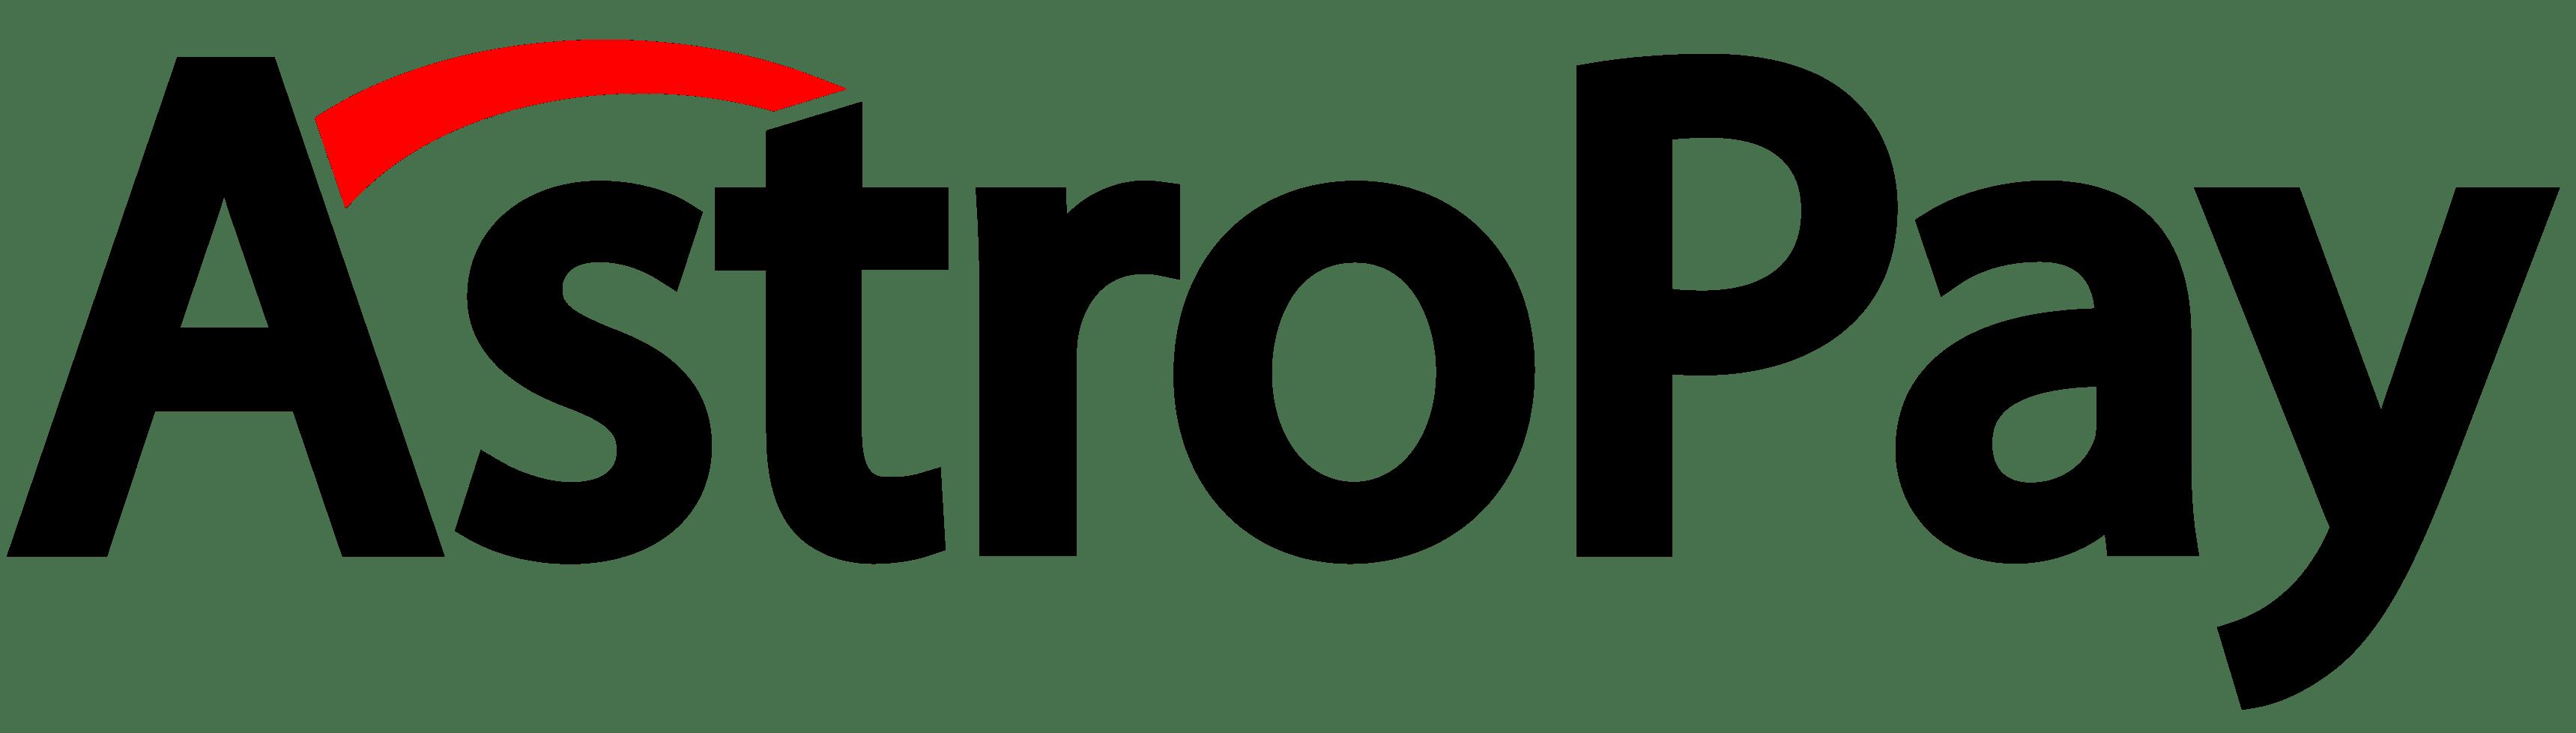 astropay-logo